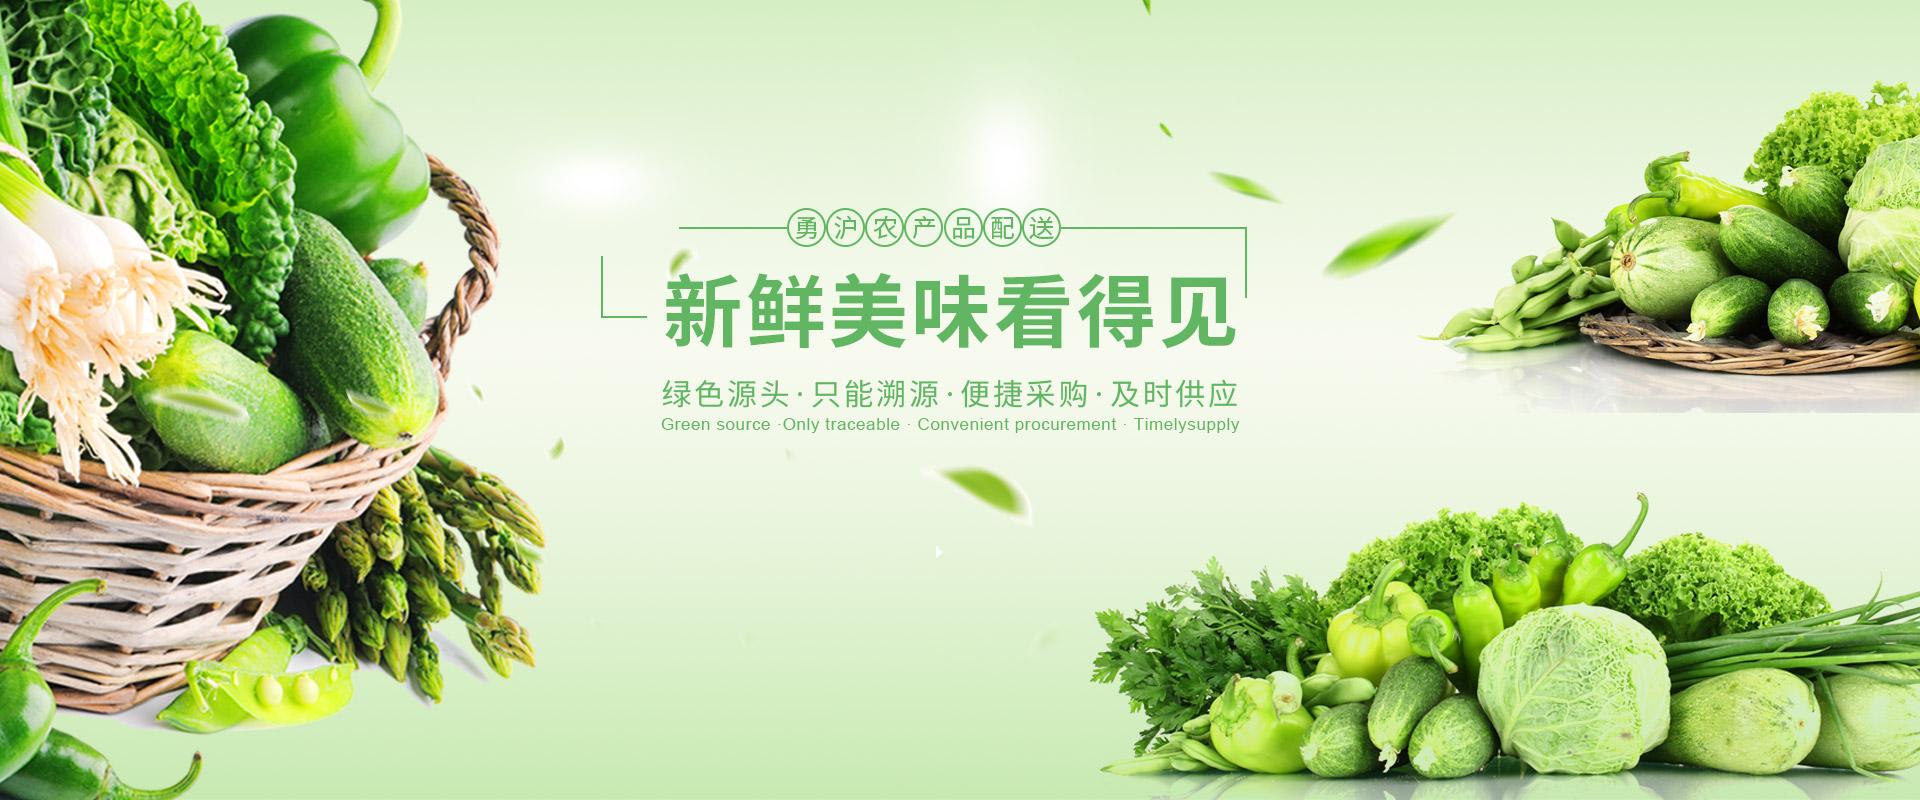 上海勇沪农产品配送有限公司